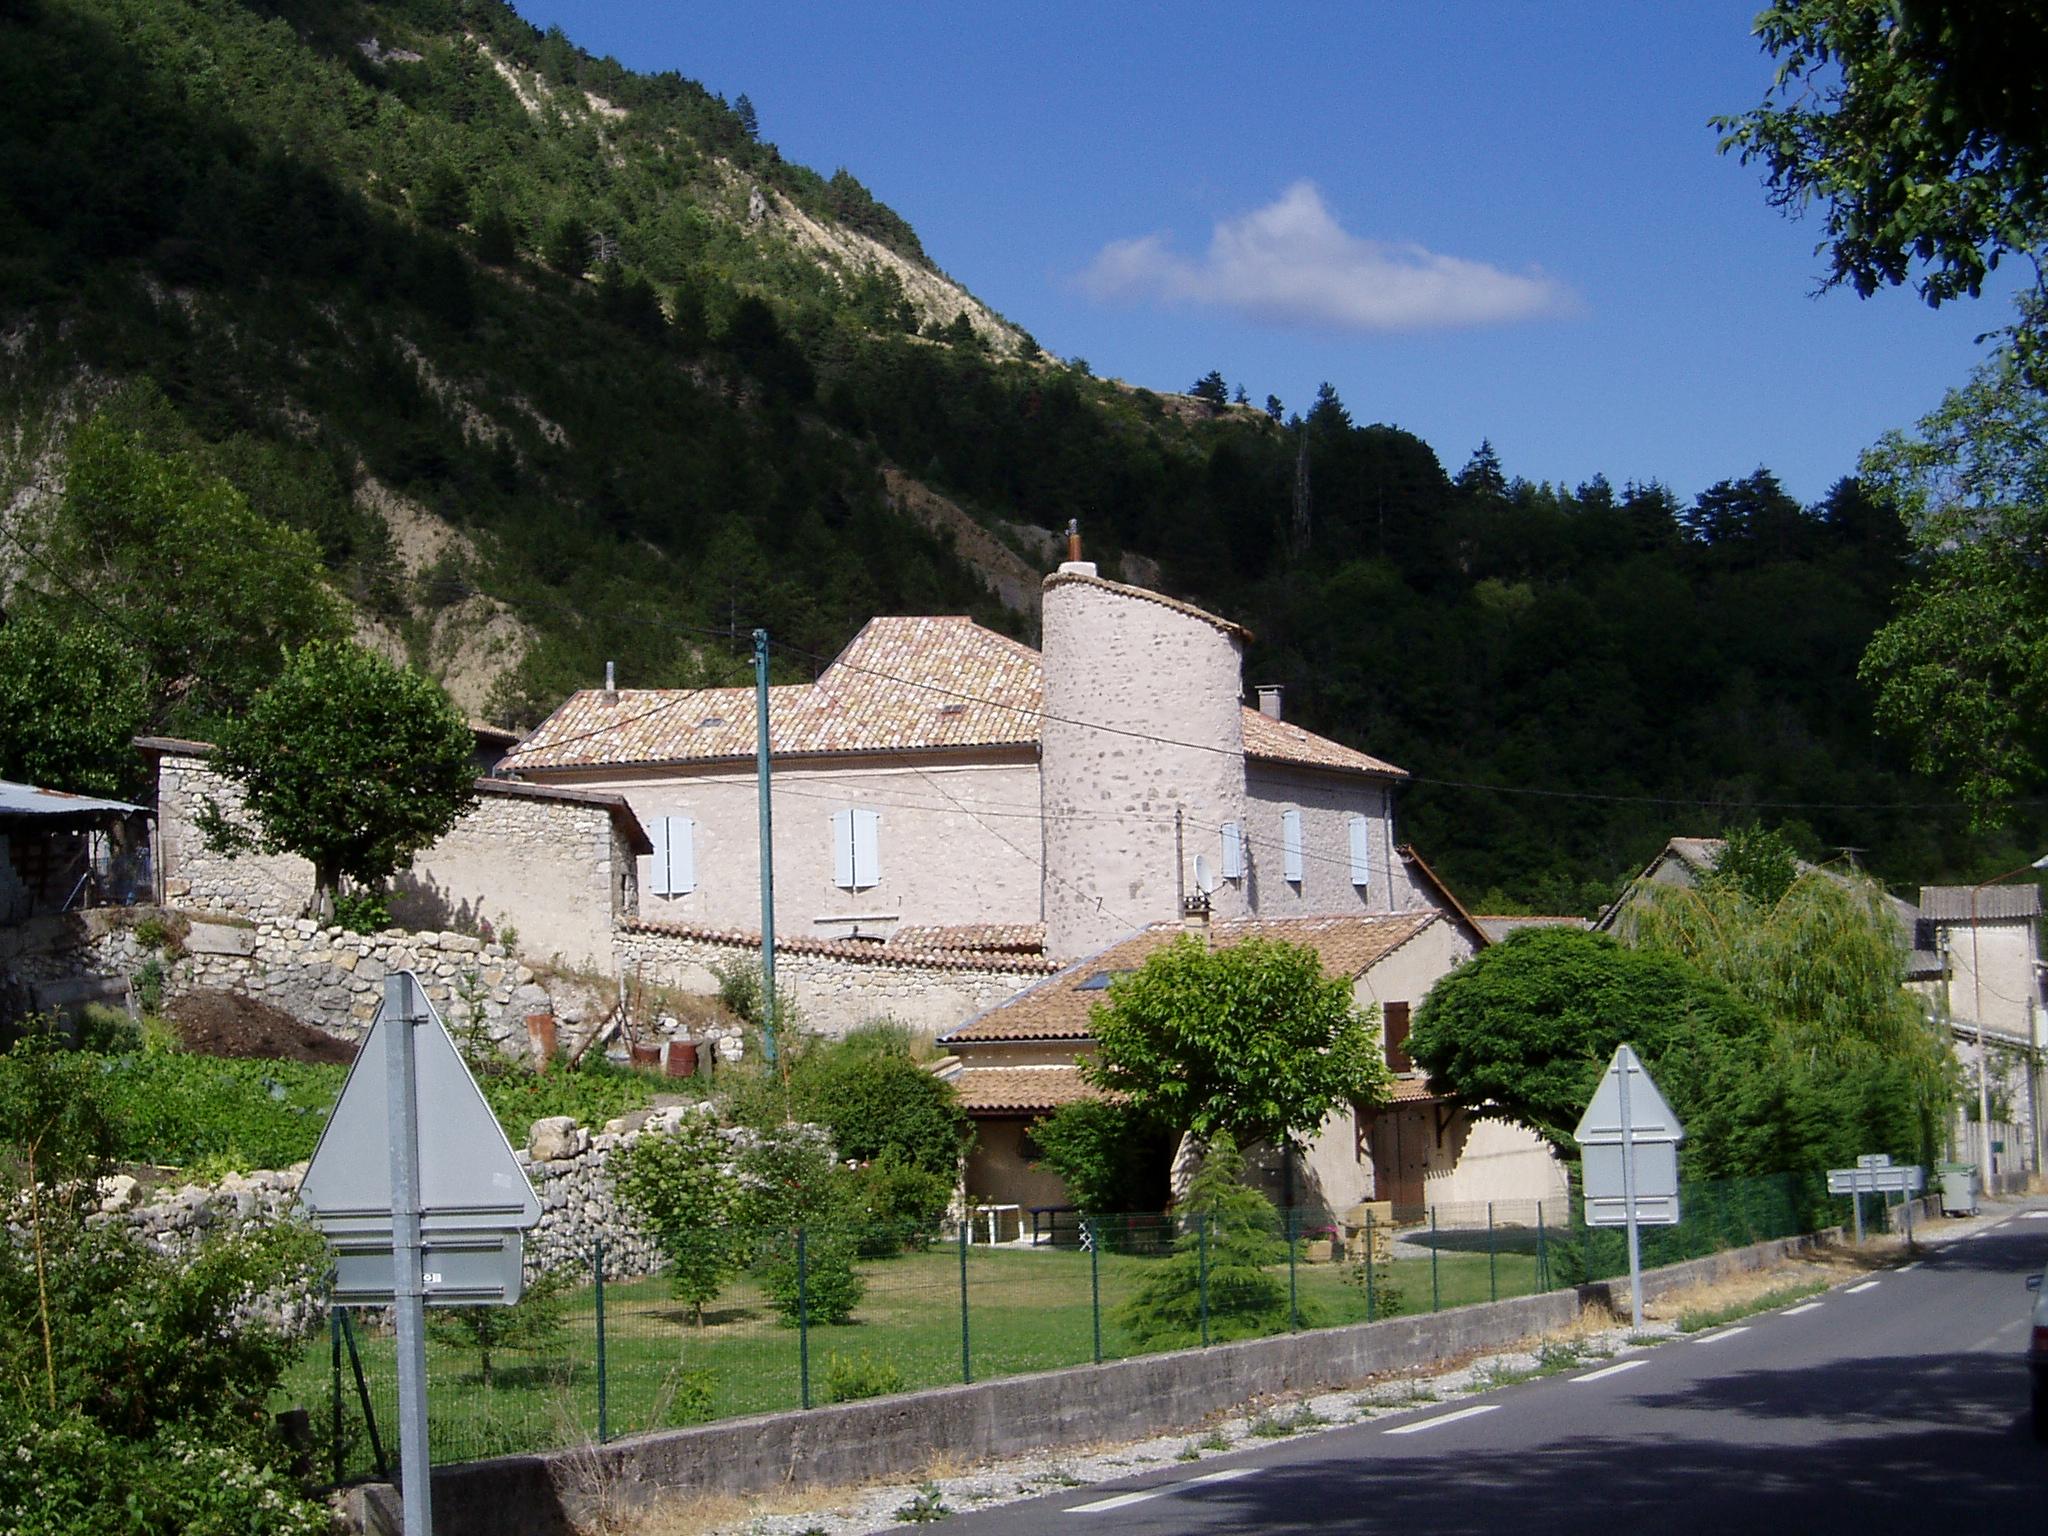 chateau-dartaud-de-montauban